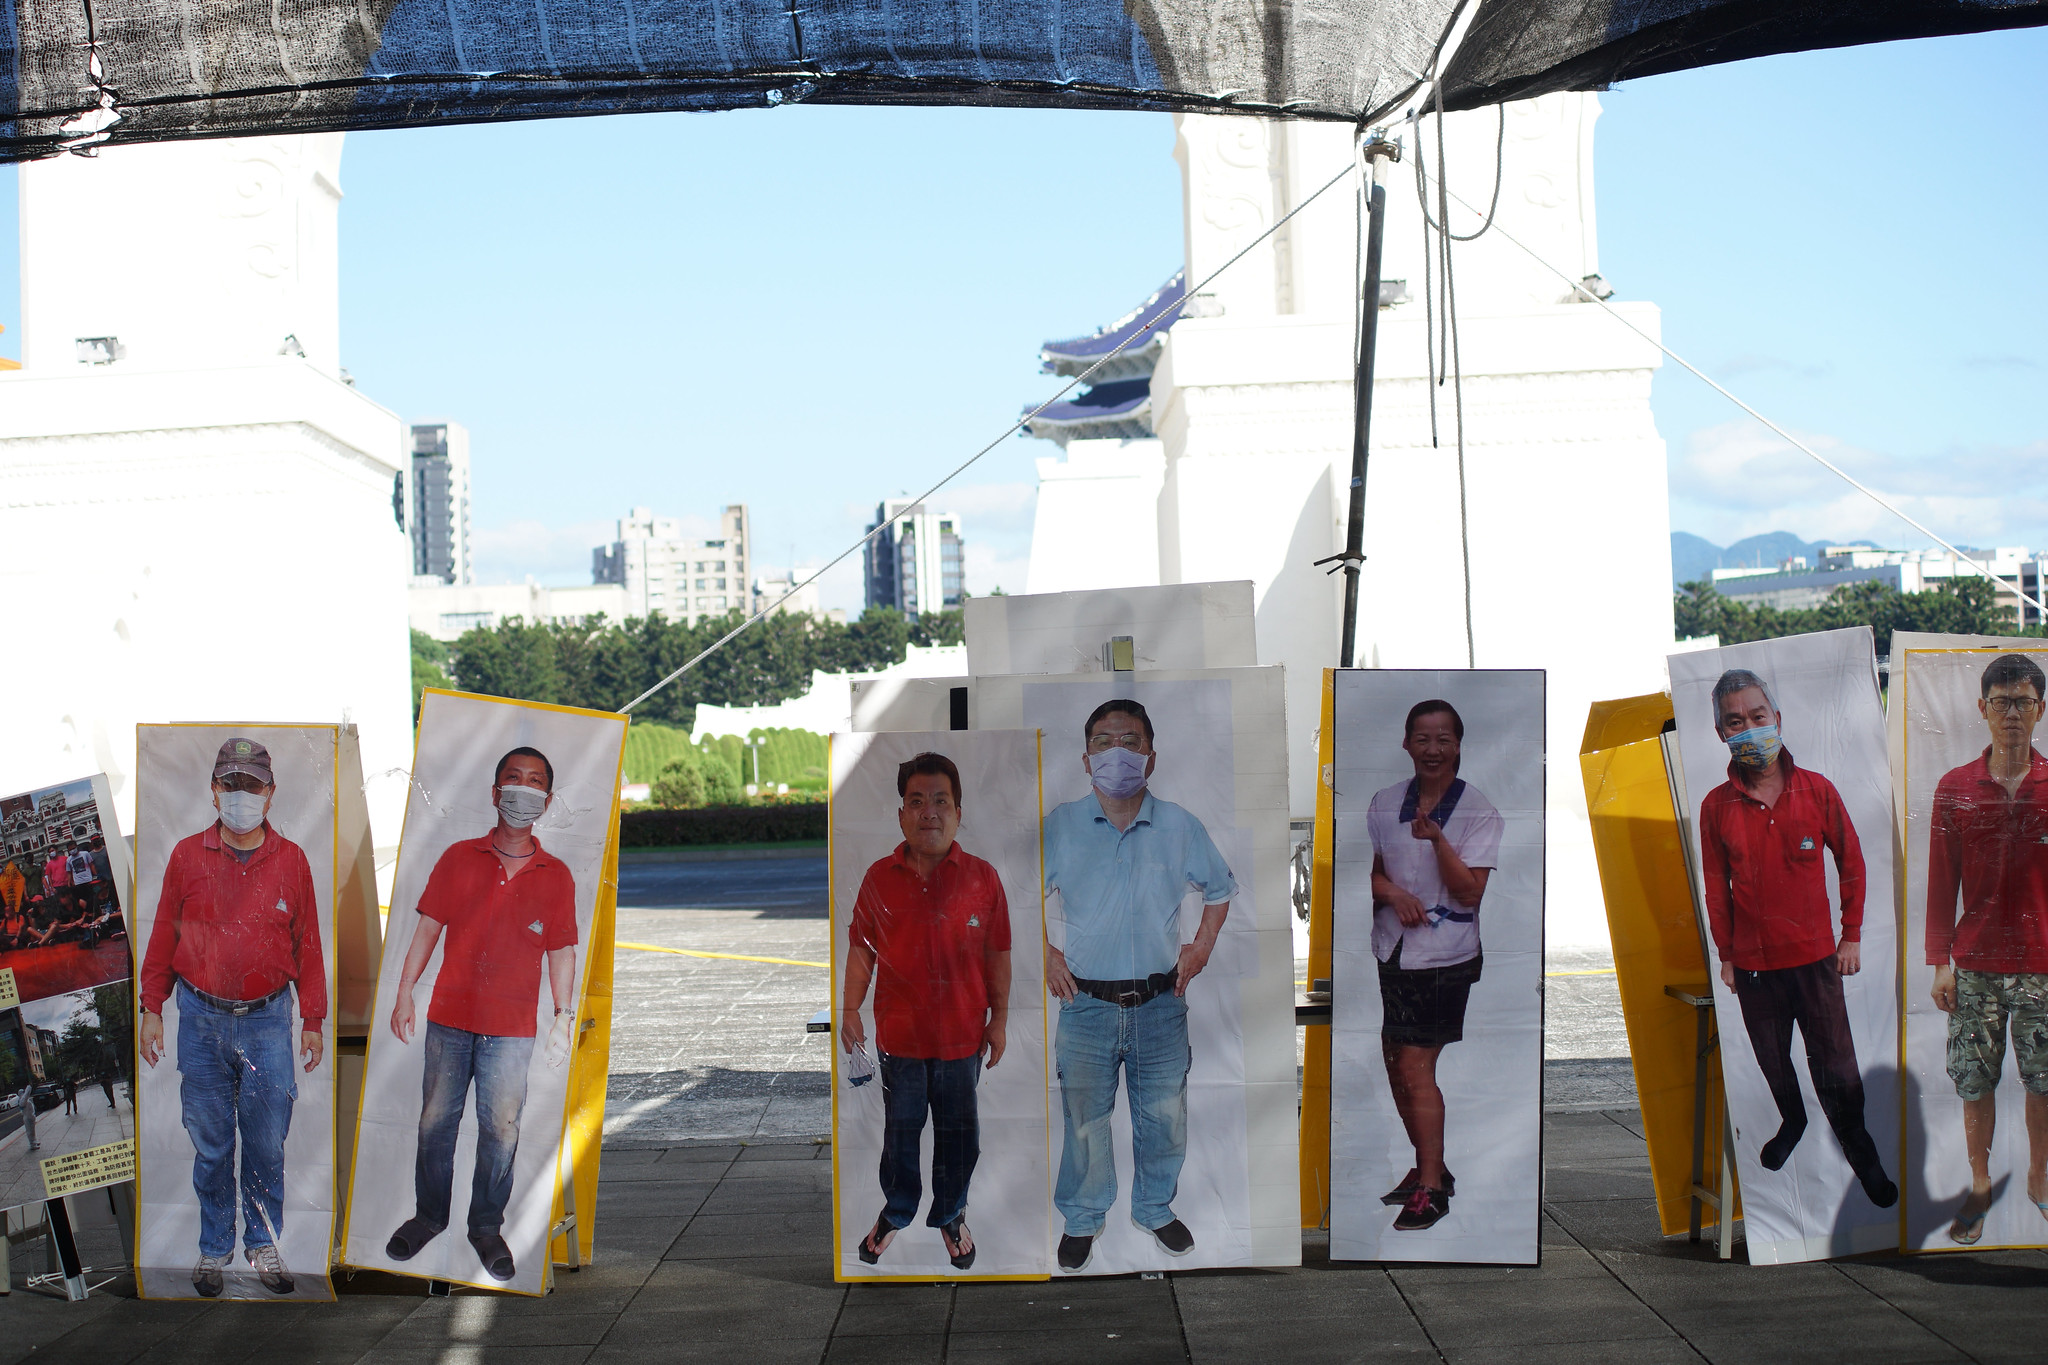 疫情下罷工的美麗華工會,日前在自由廣場展示他們為兼顧社交距離與人數控制而製作的人形立牌裝置。(攝影:王顥中)